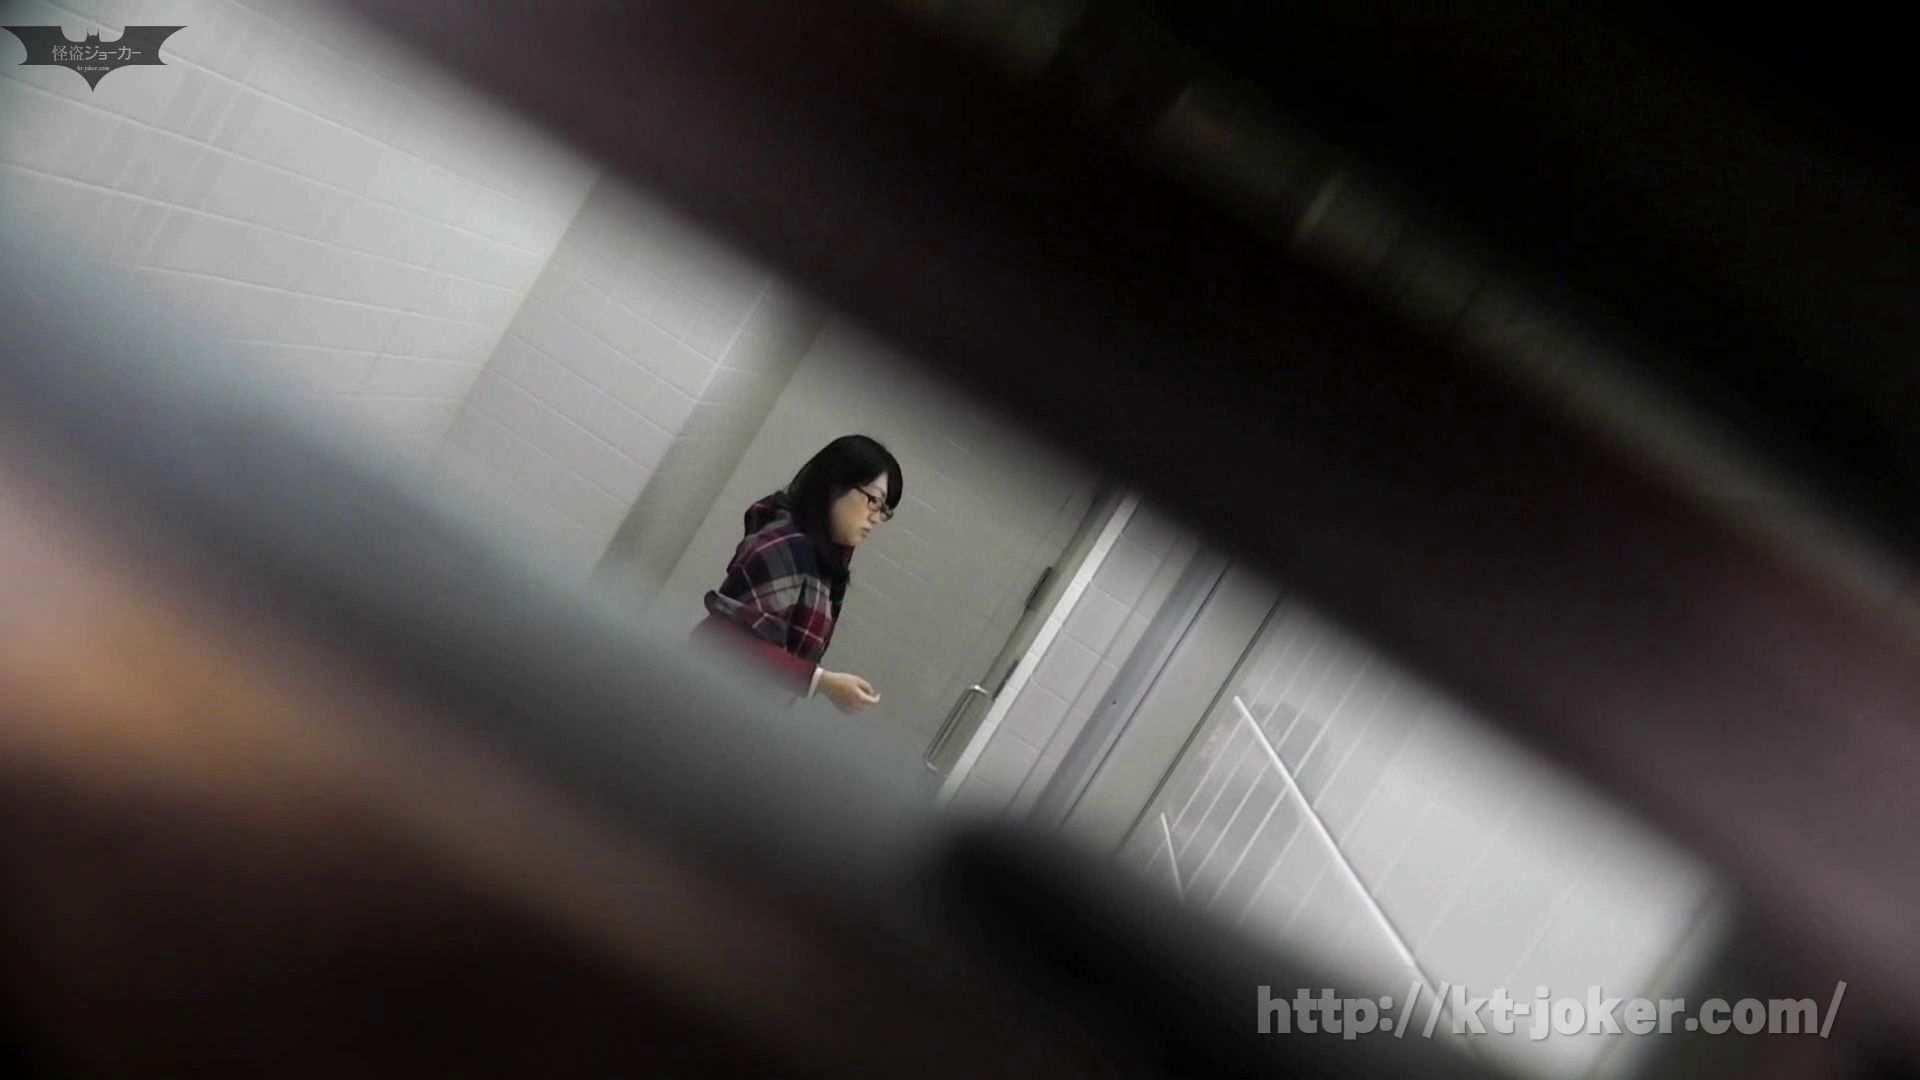 命がけ潜伏洗面所! vol.56 ピンチ!!「鏡の前で祈る女性」にばれる危機 洗面所突入  105pic 78